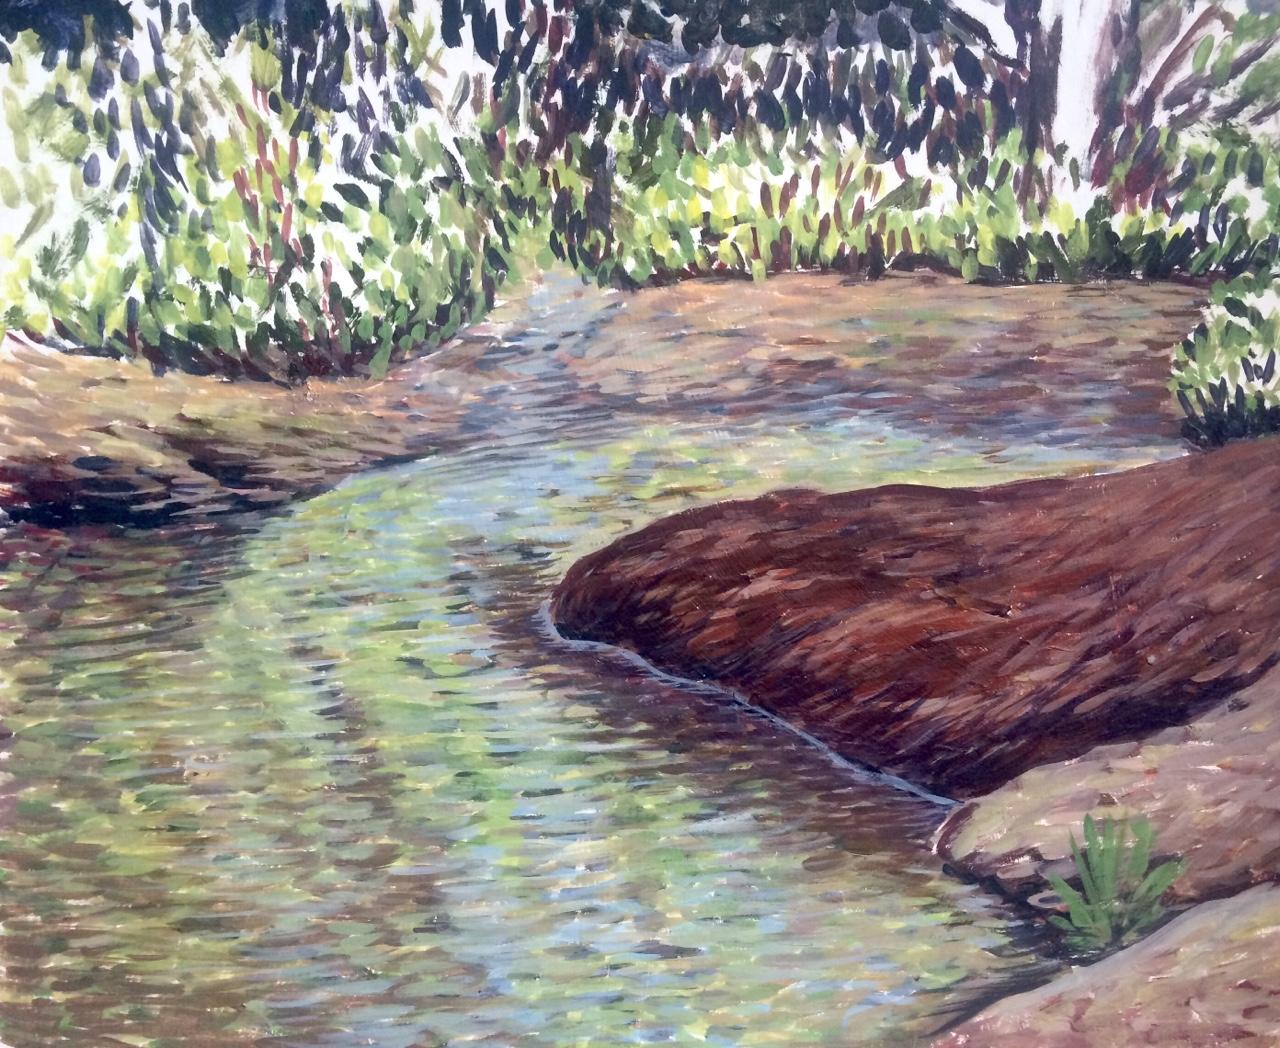 The Creek   2015. Oil on gessoed cardboard.